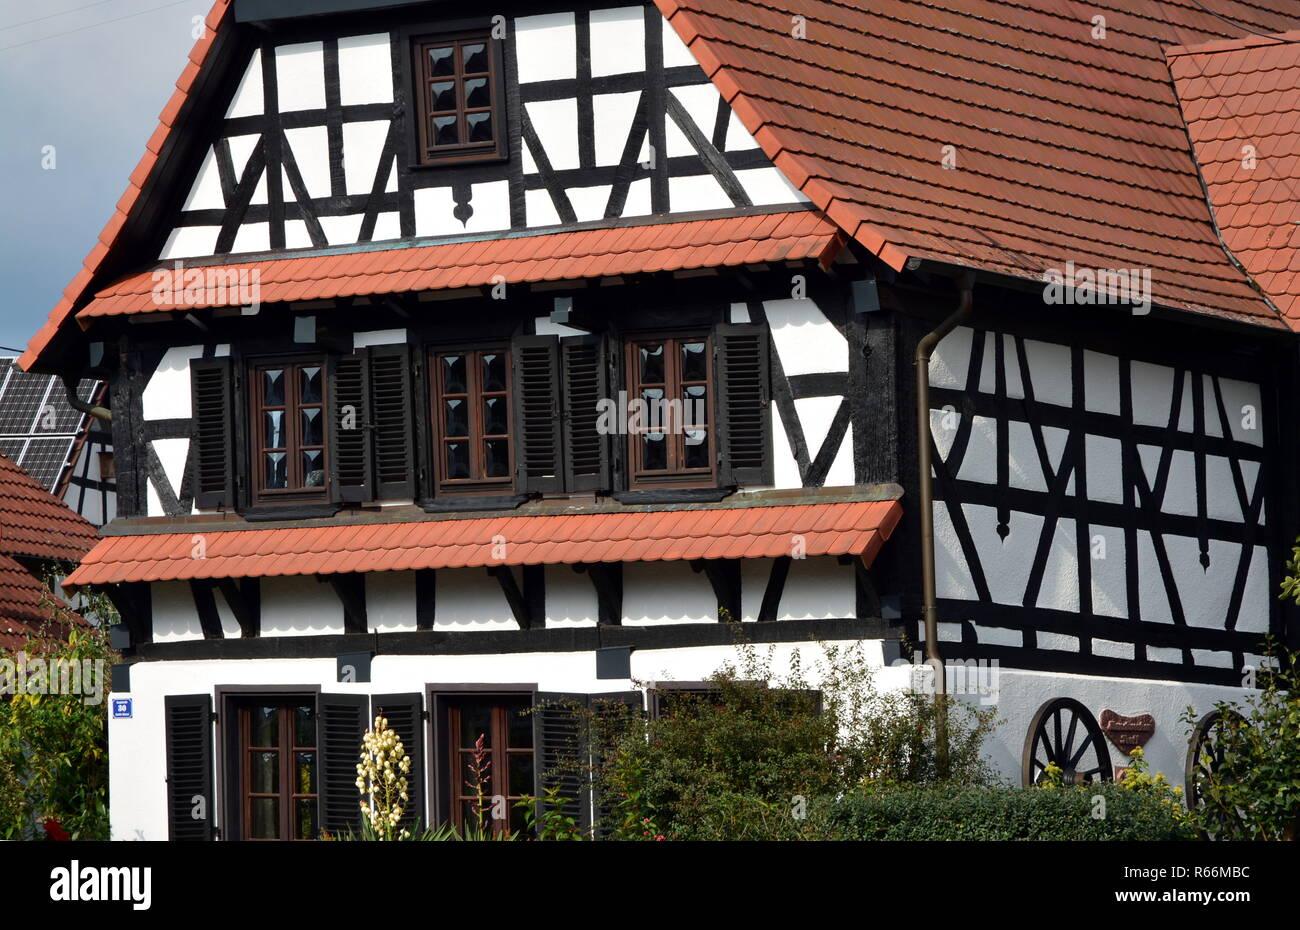 half-timbered house neuburg am rhein Stock Photo